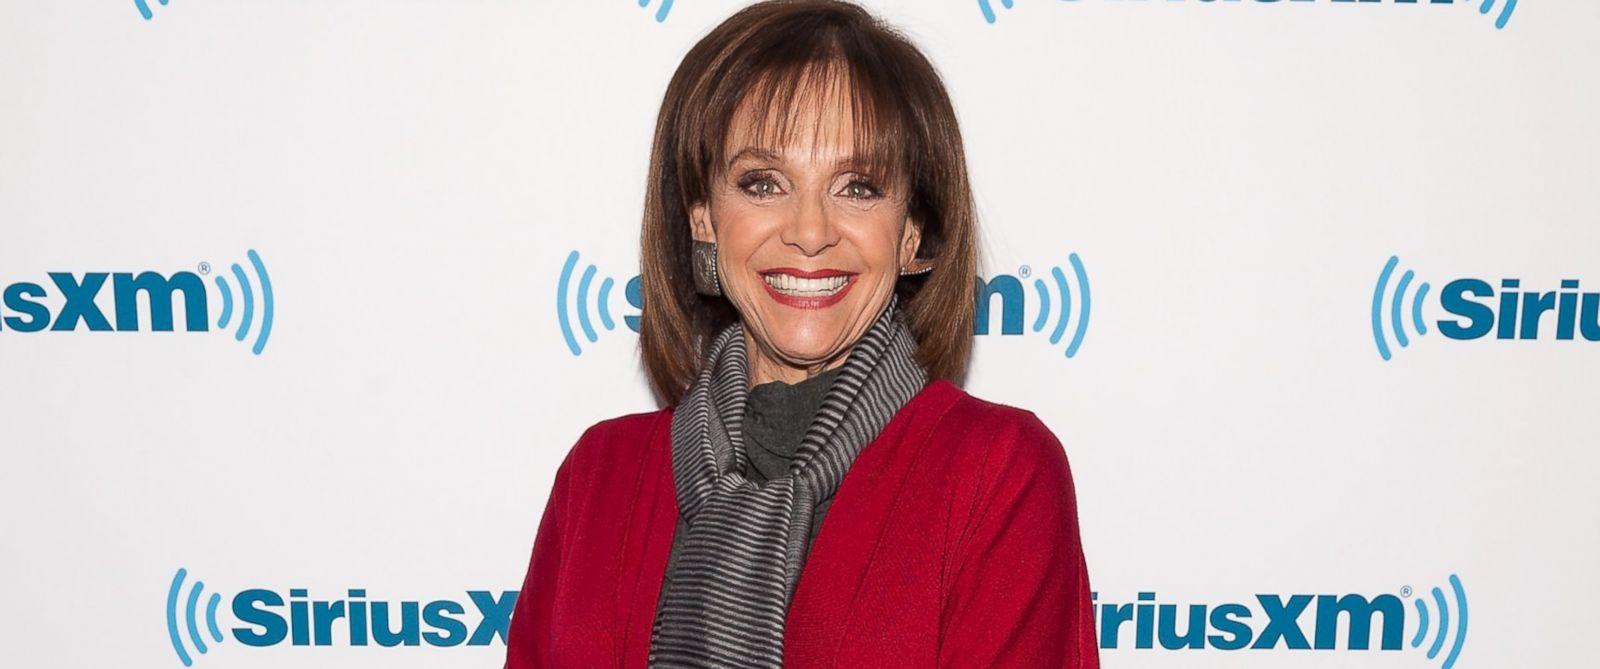 PHOTO: Valerie Harper visits the SiriusXM Studios in New York, April 17, 2014.